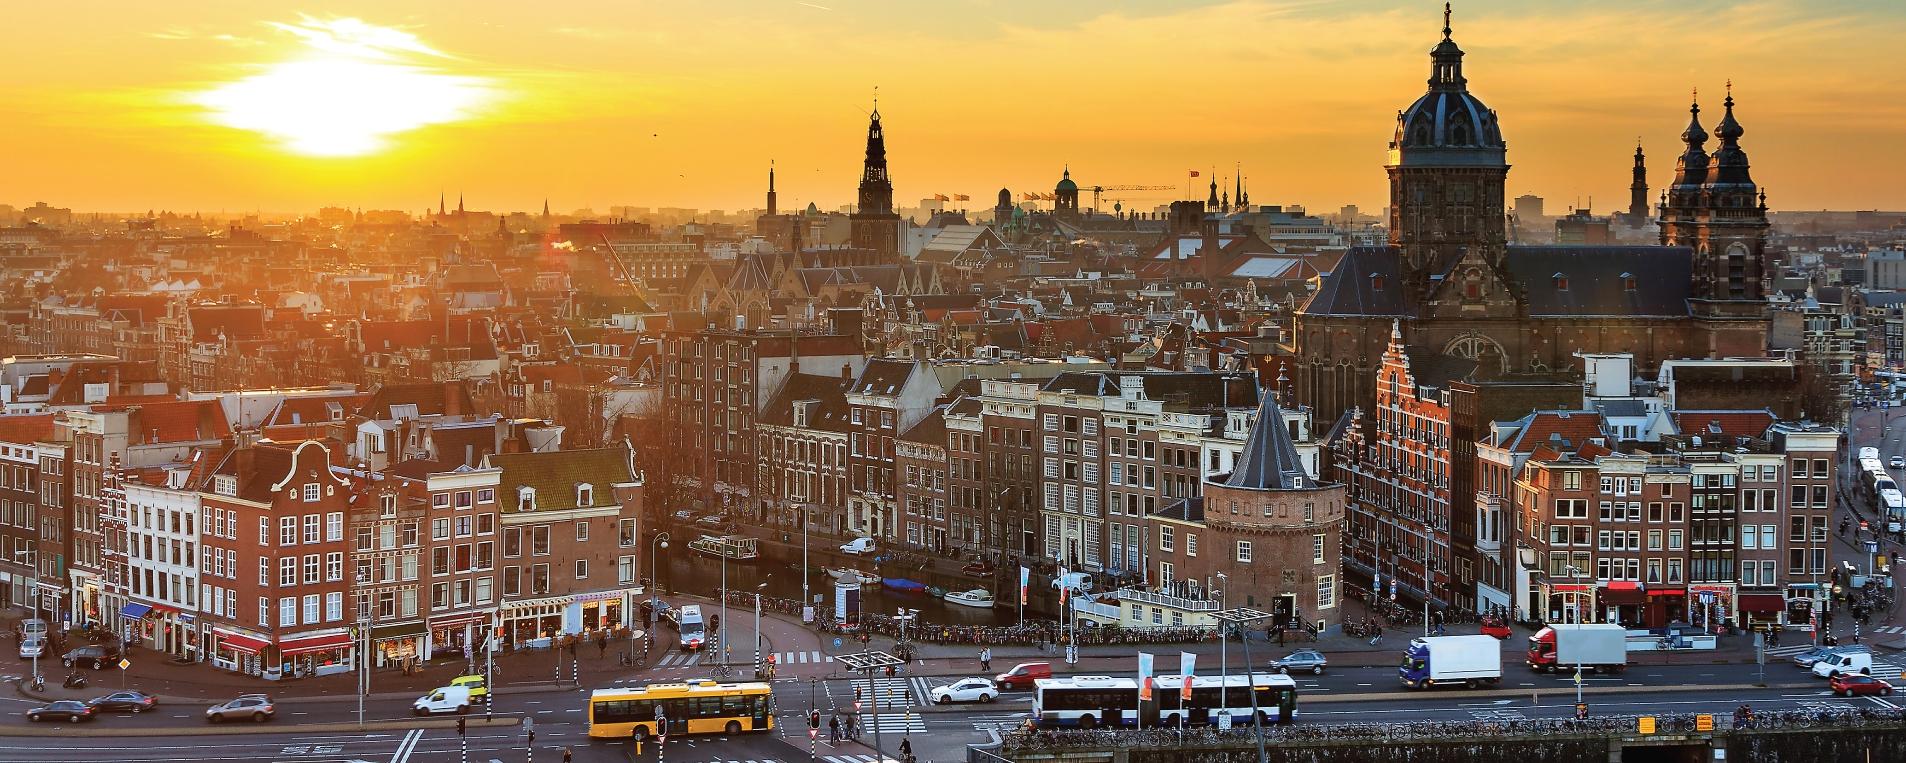 enjoyamsterdam.jpg